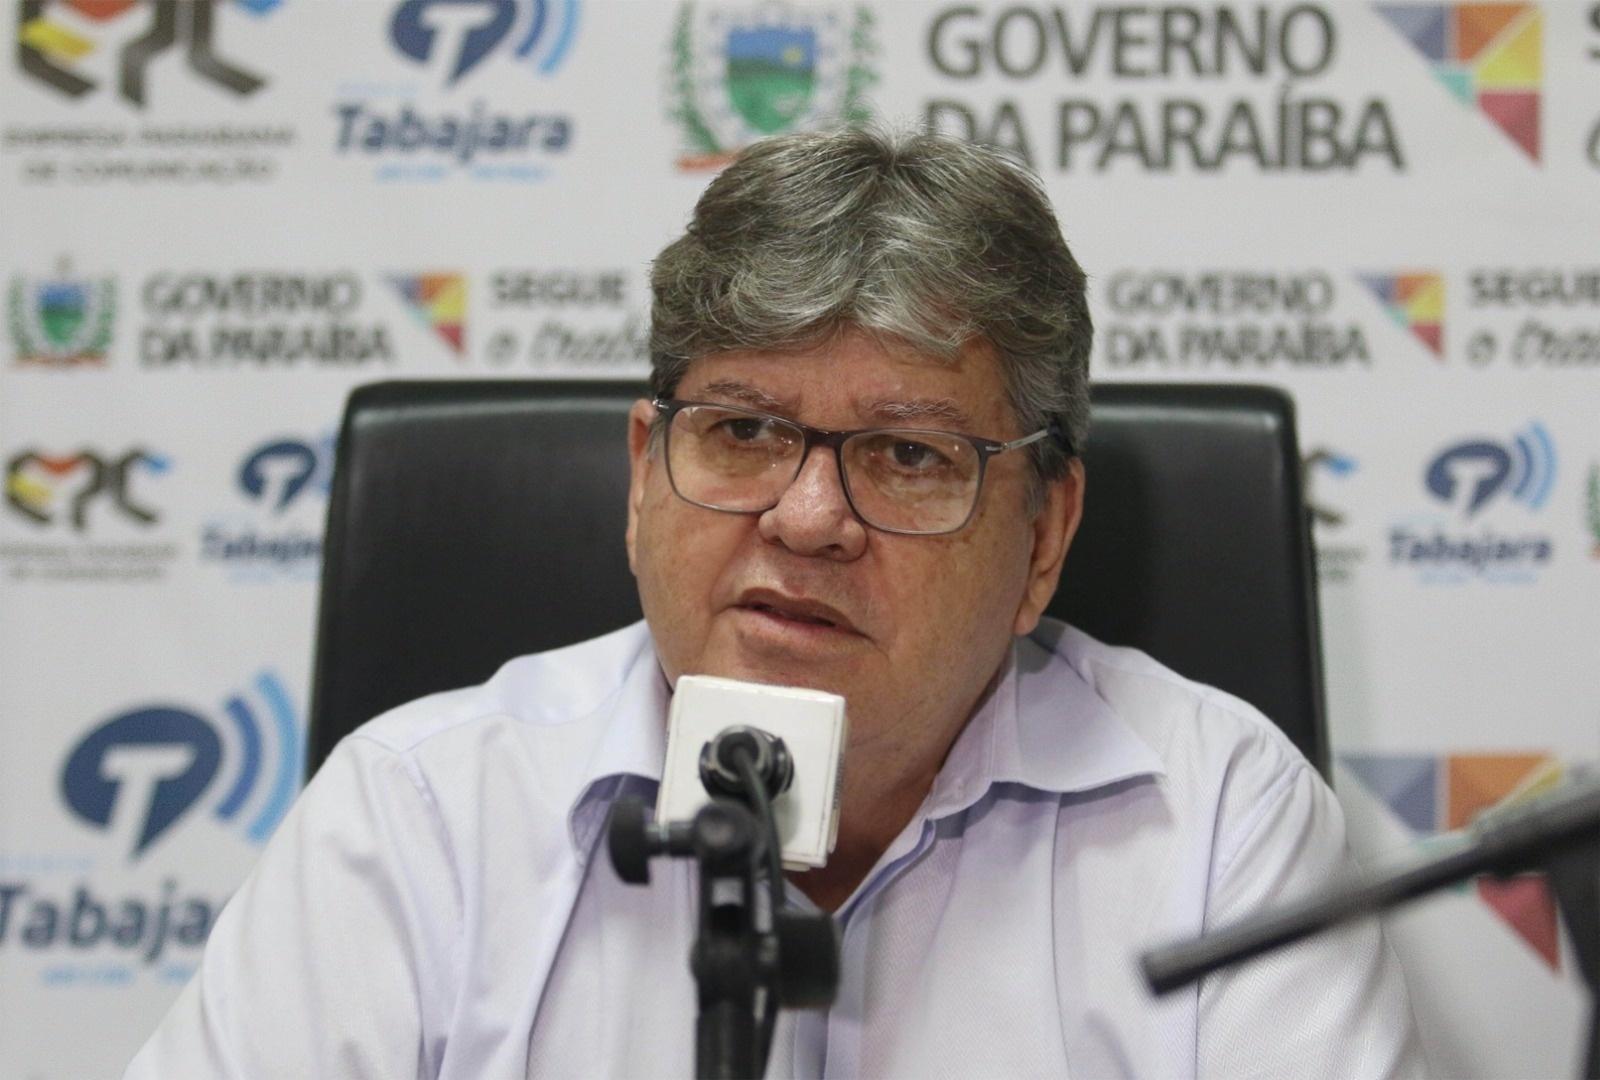 """o governador da paraiba joao azevedo 1565391640193 v2 1600x1080 - Em programa de rádio, João Azevêdo acusa """"marginais"""" de atacarem governo com """"fake news"""""""